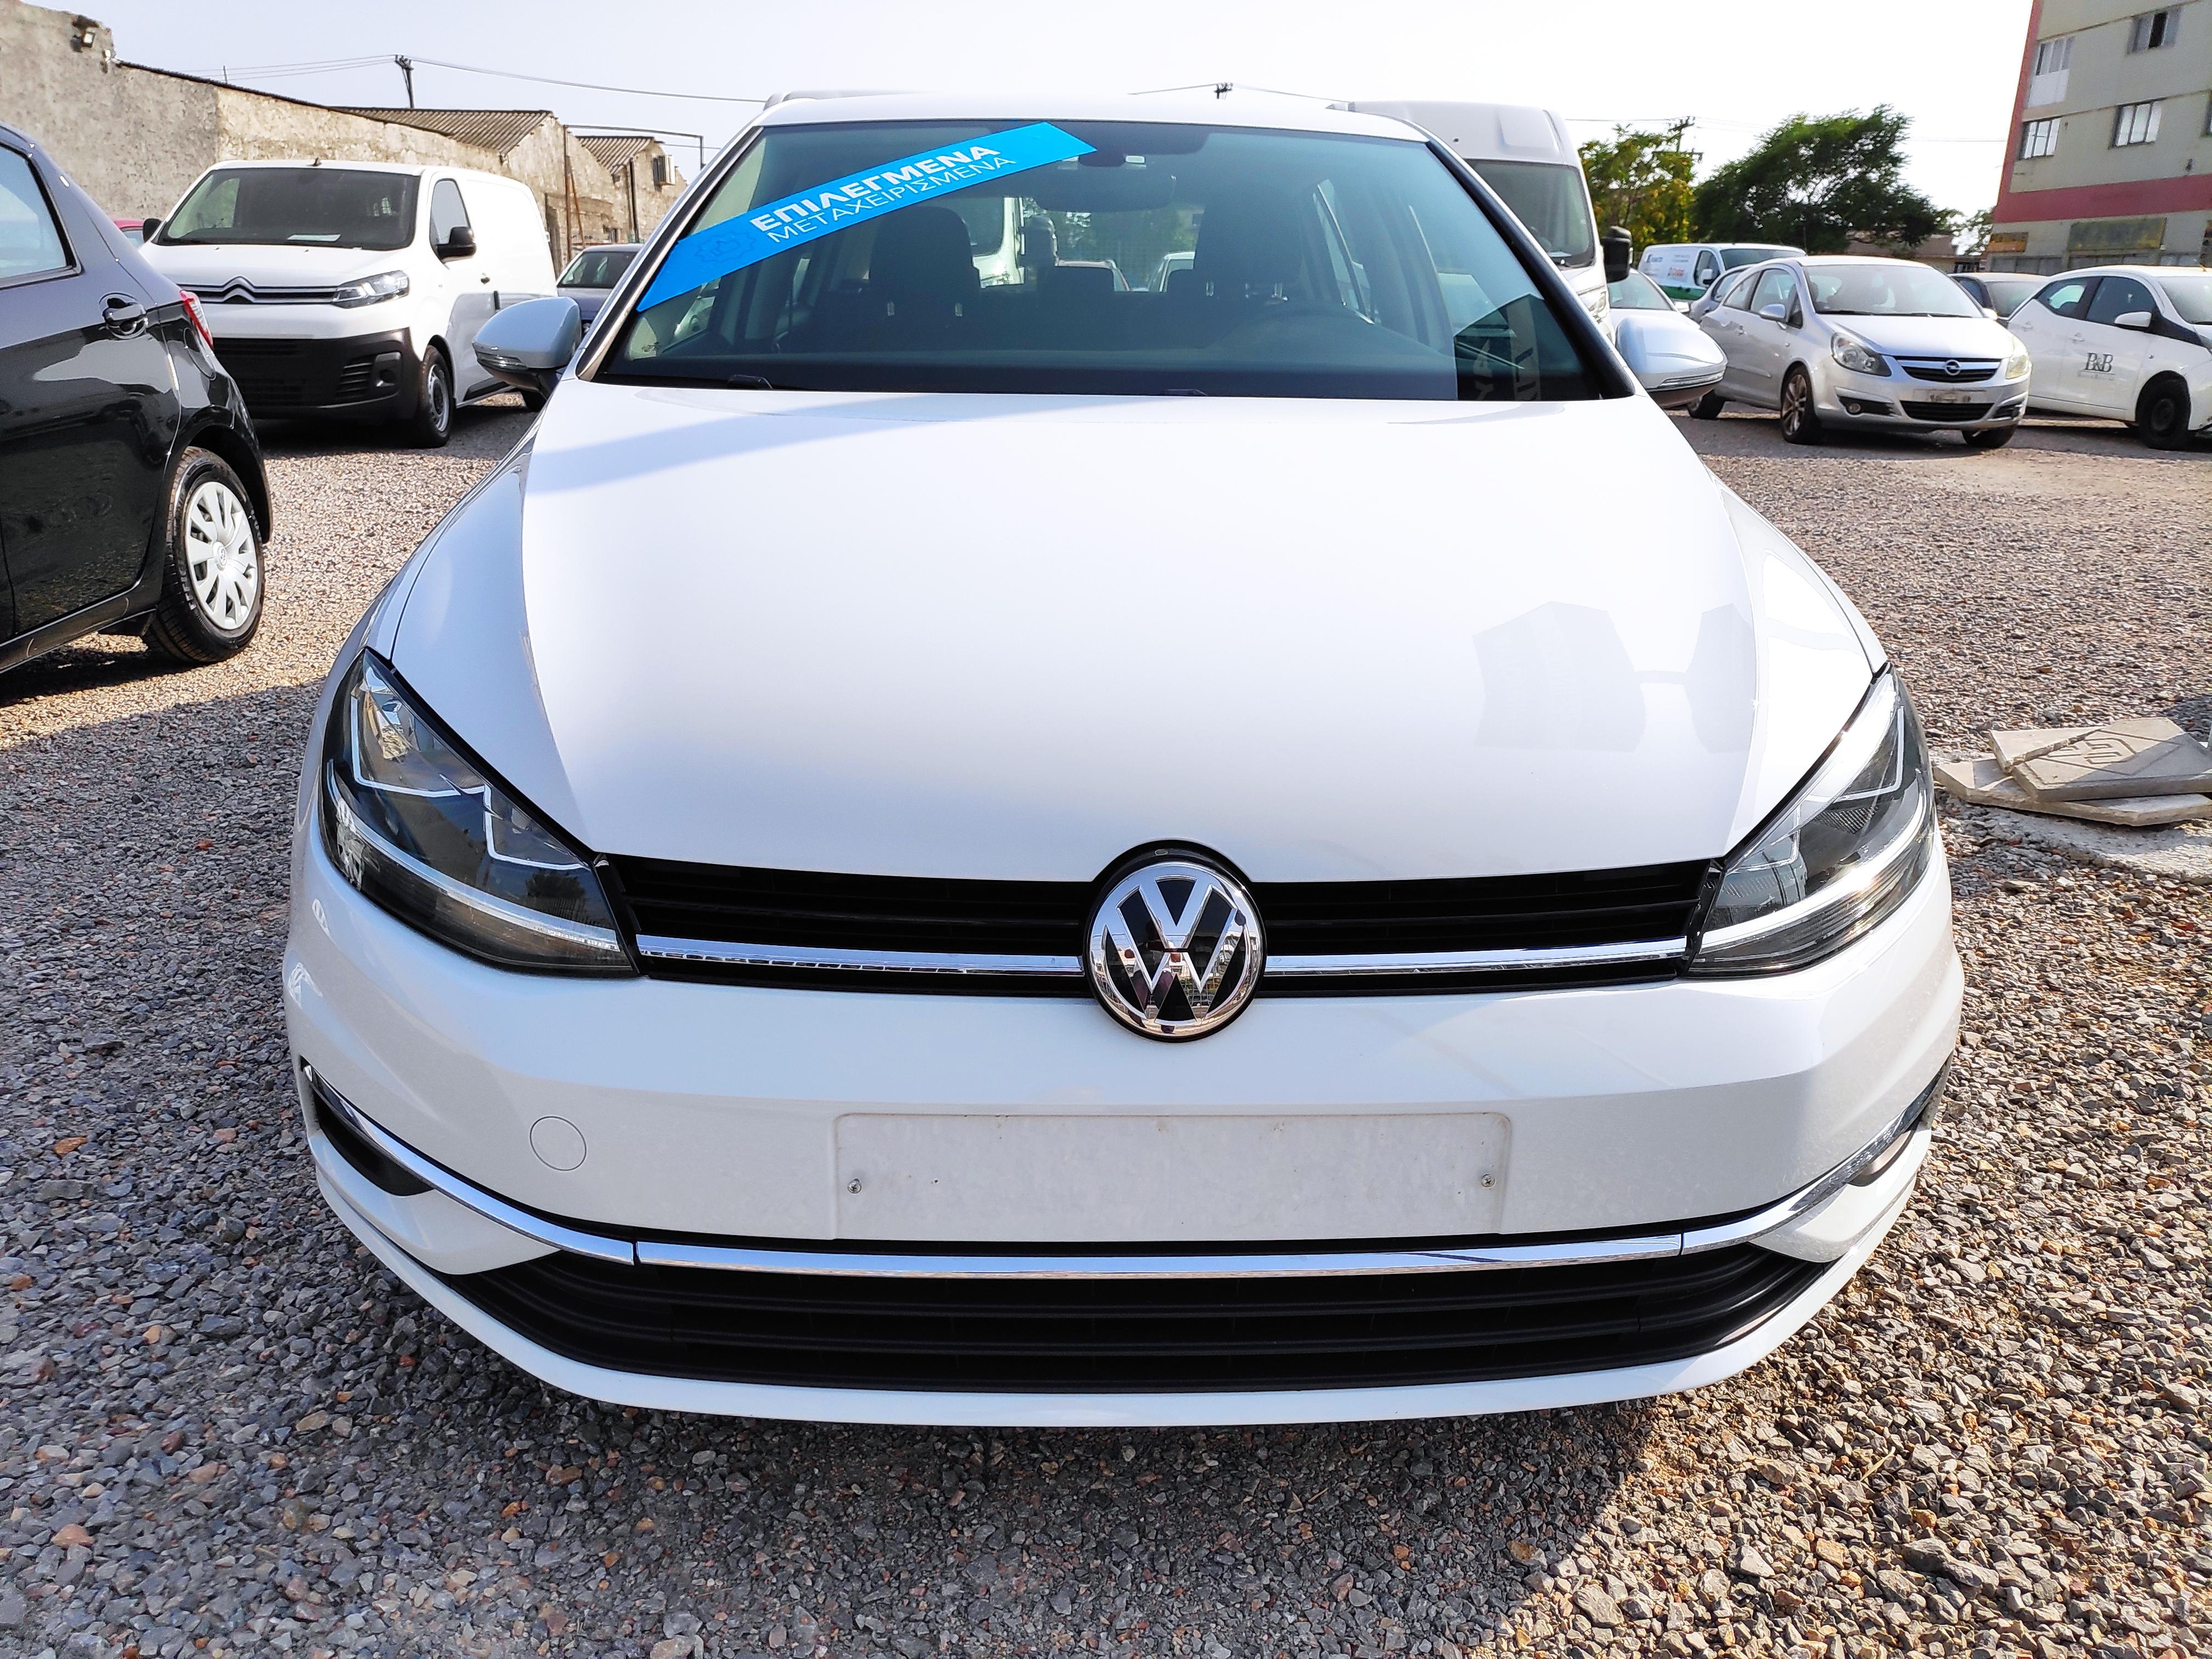 Volkswagen Golf '18 Comfortline DIESEL **ΕΛΛΗΝΙΚΟ**